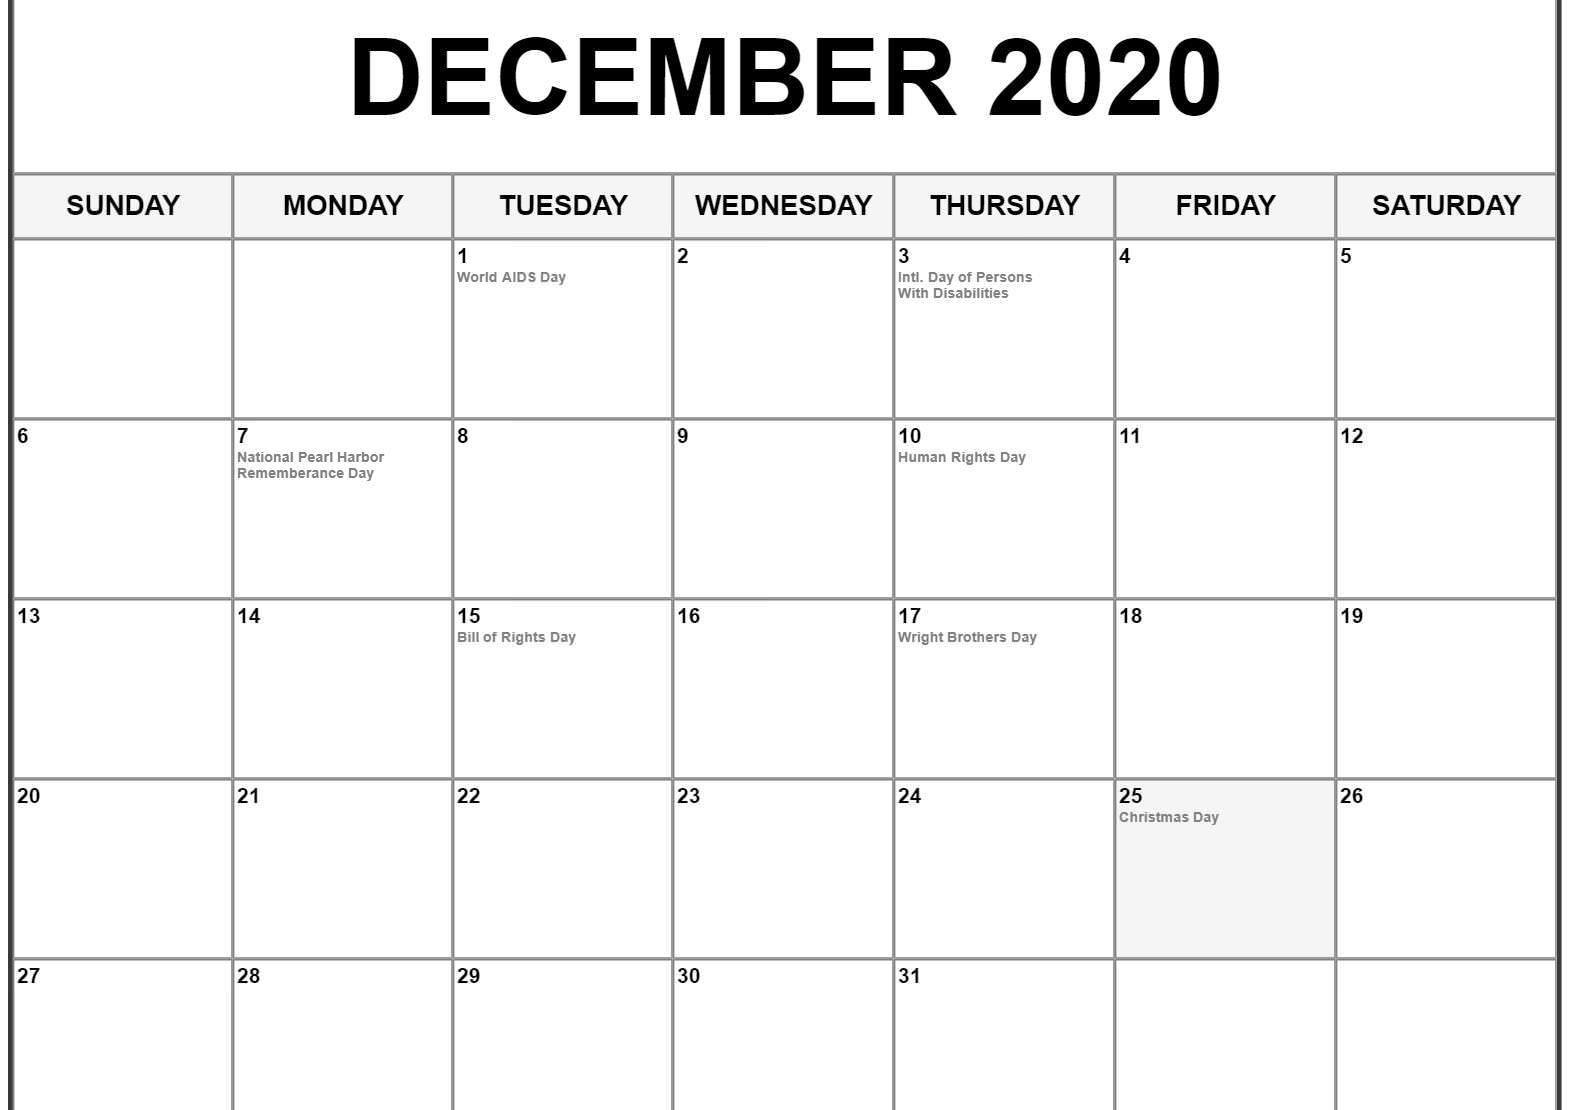 Blank Calendar For December 2020